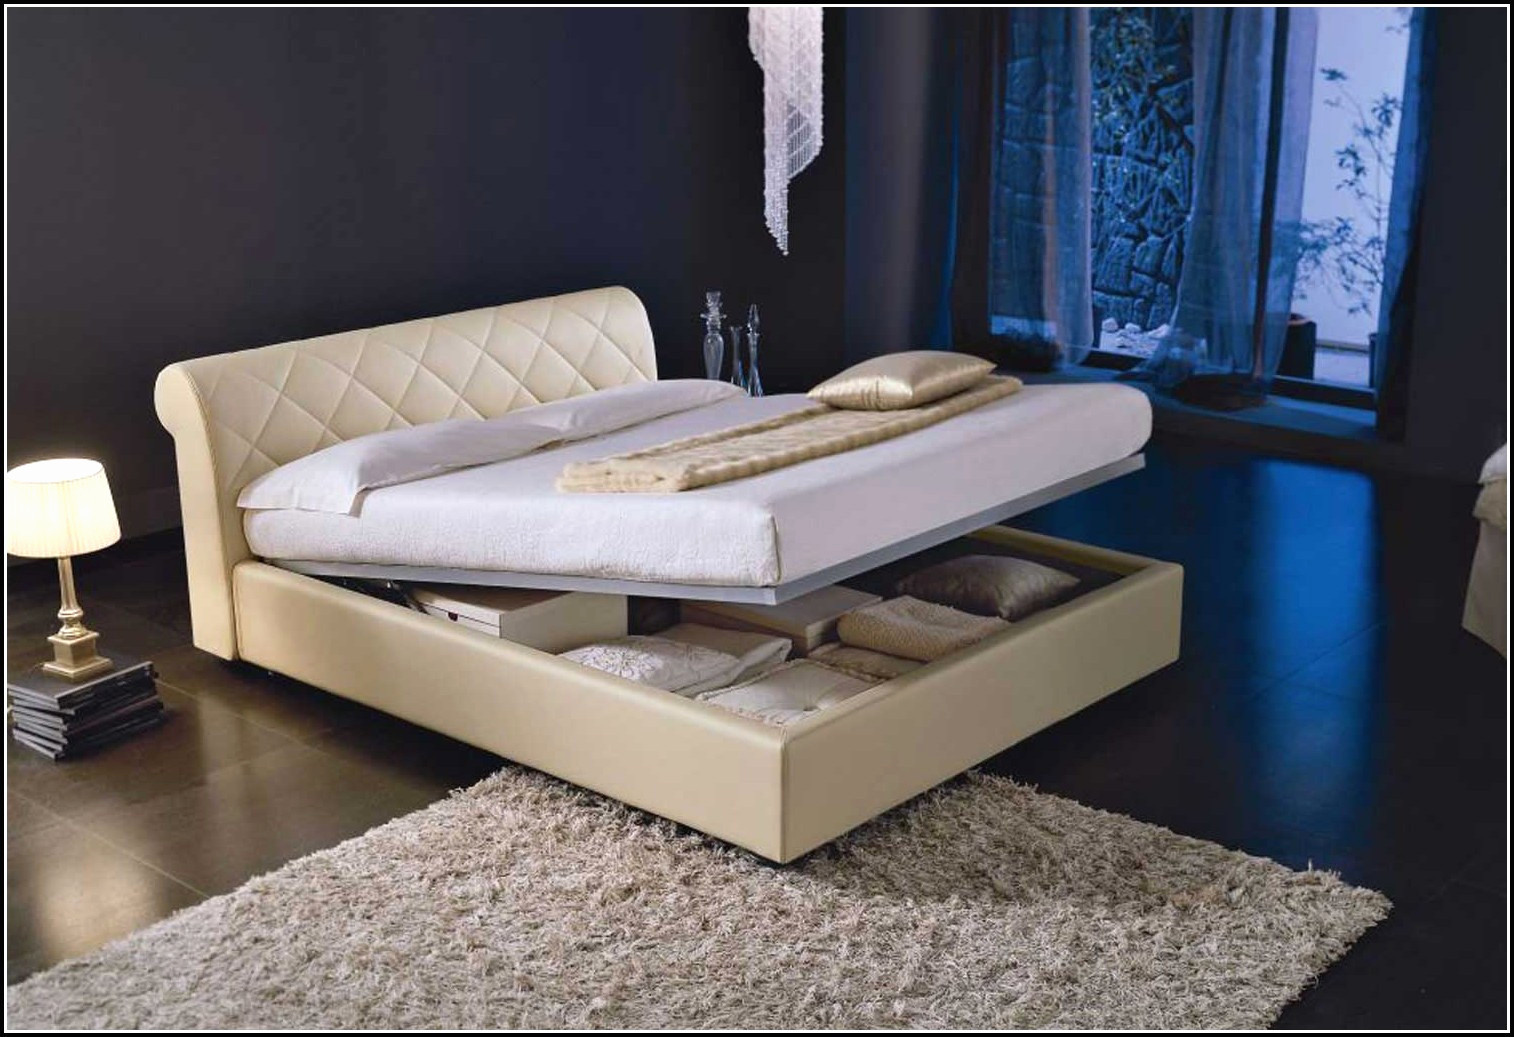 Full Size of 39 E0 Stauraum Bett 200x200 Fhrung Betten Komforthöhe Mit Bettkasten Weiß Wohnzimmer Stauraumbett 200x200